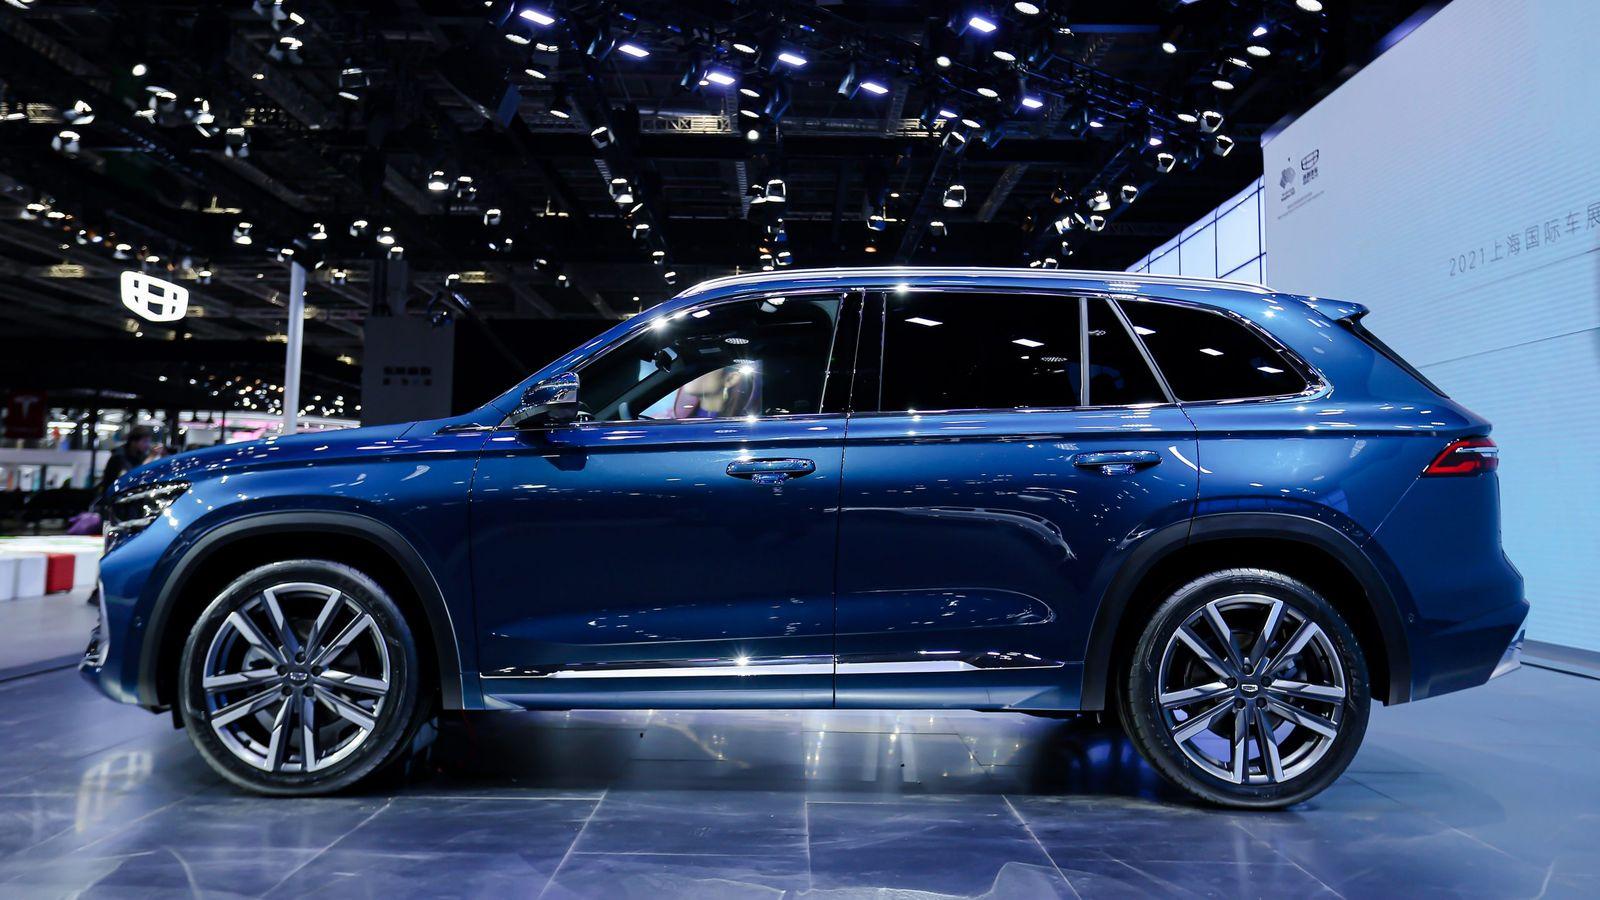 Самый роскошный кроссовер Geely с мотором Volvo привезут в Россию